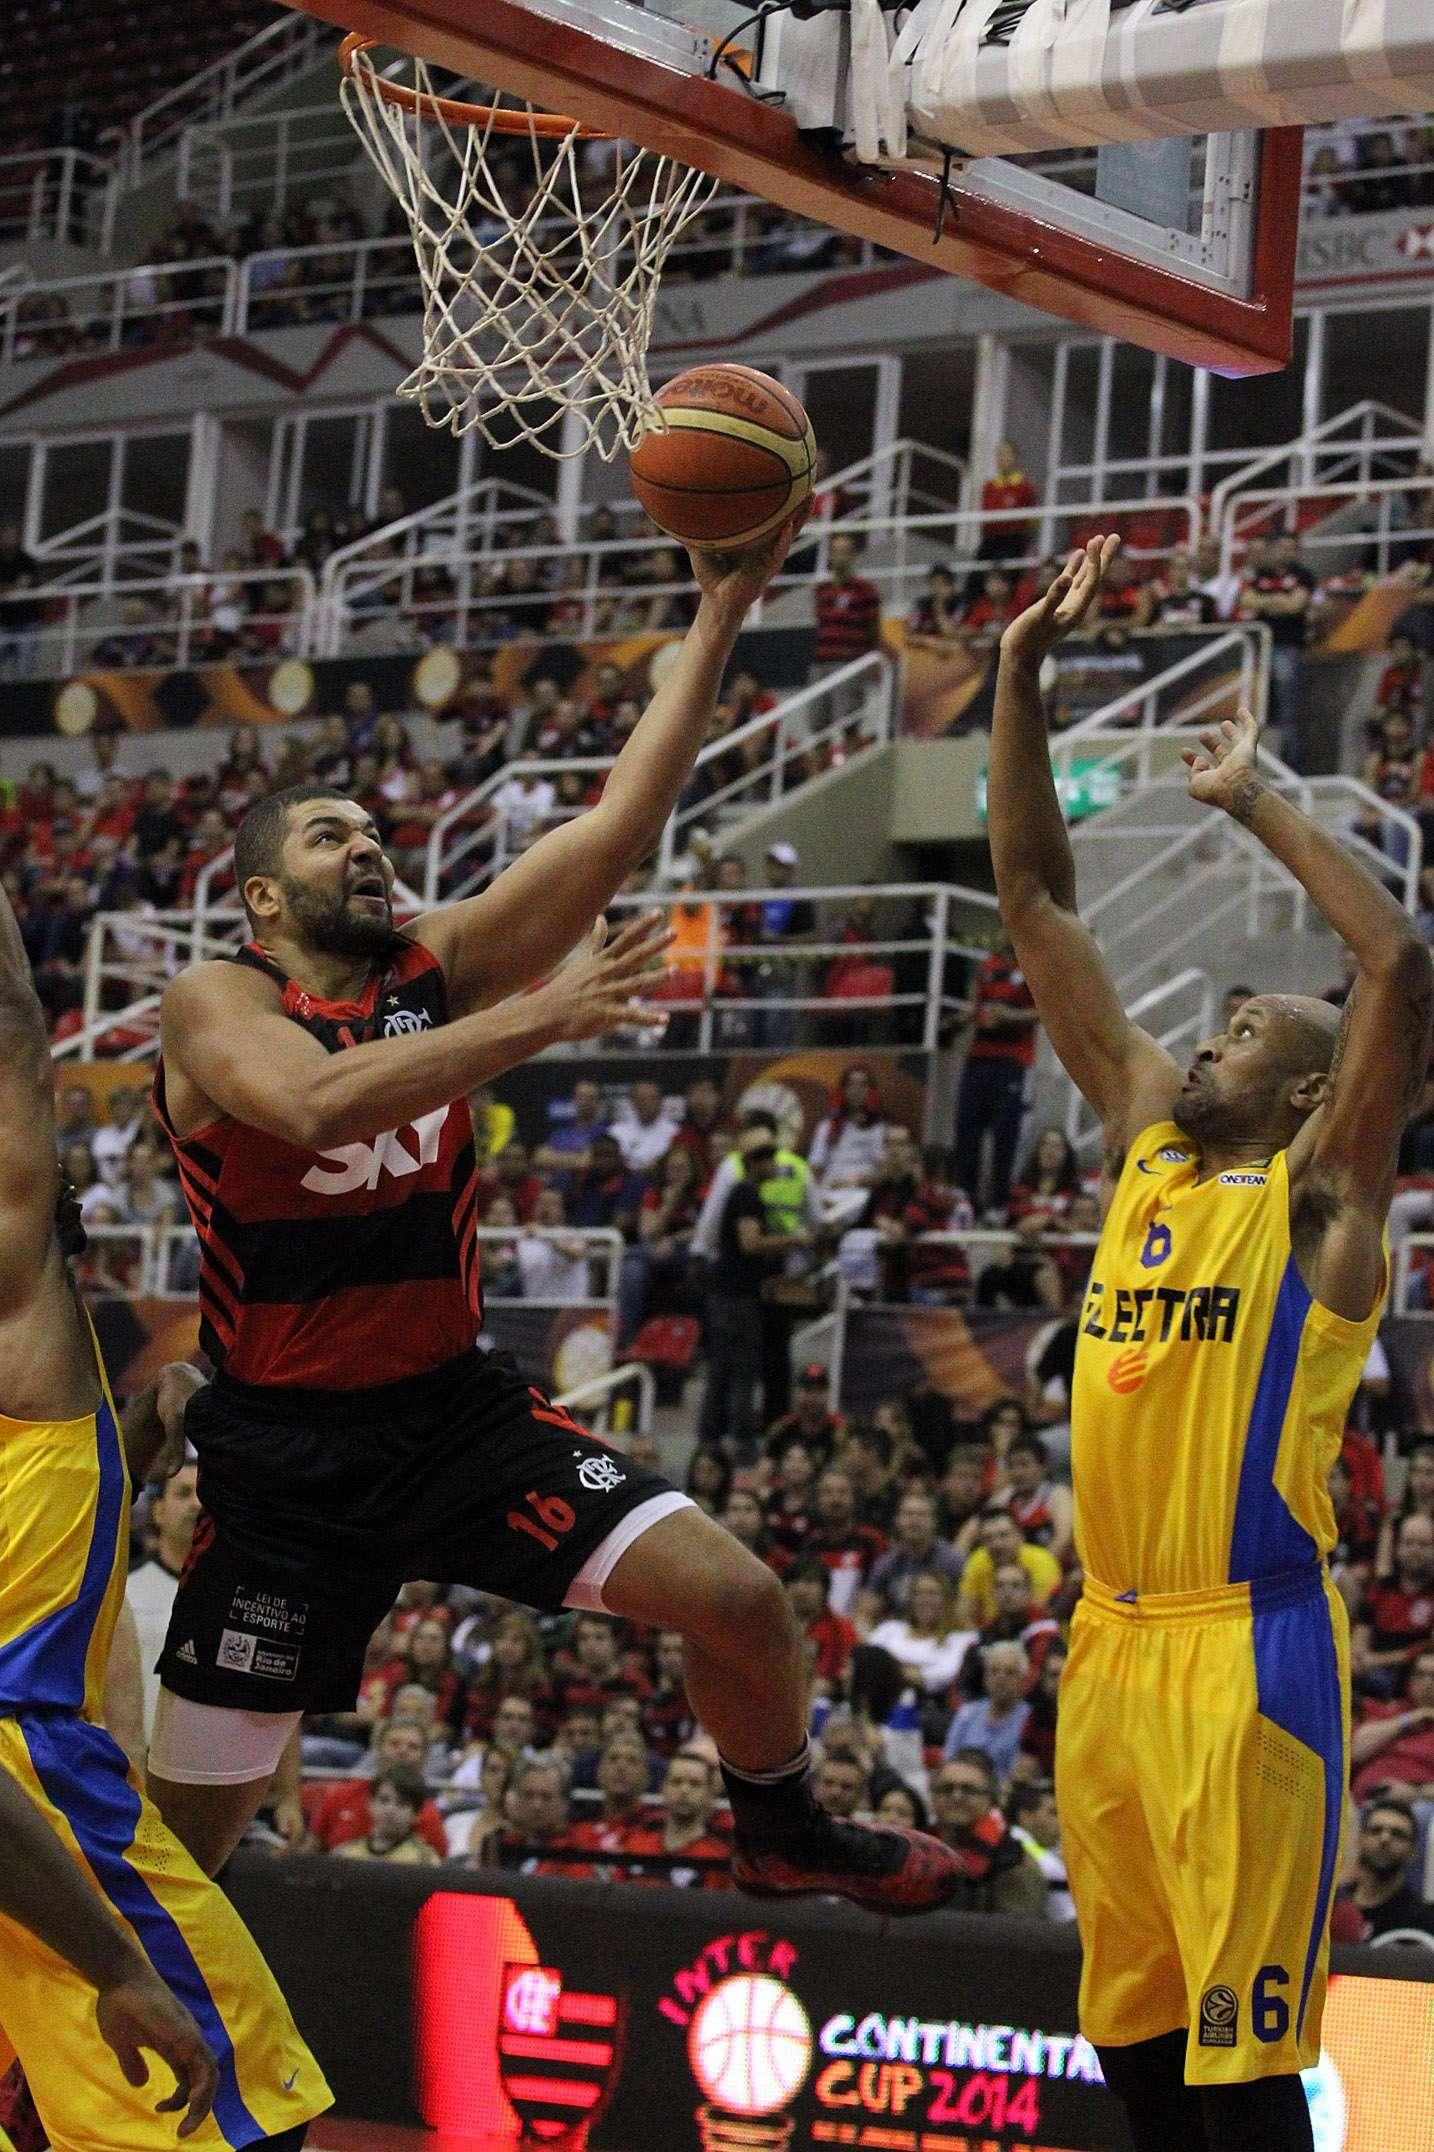 Olivinha fez uma boa partida e foi o cestinha do Flamengo Foto: Gilvan de Souza/Flamengo